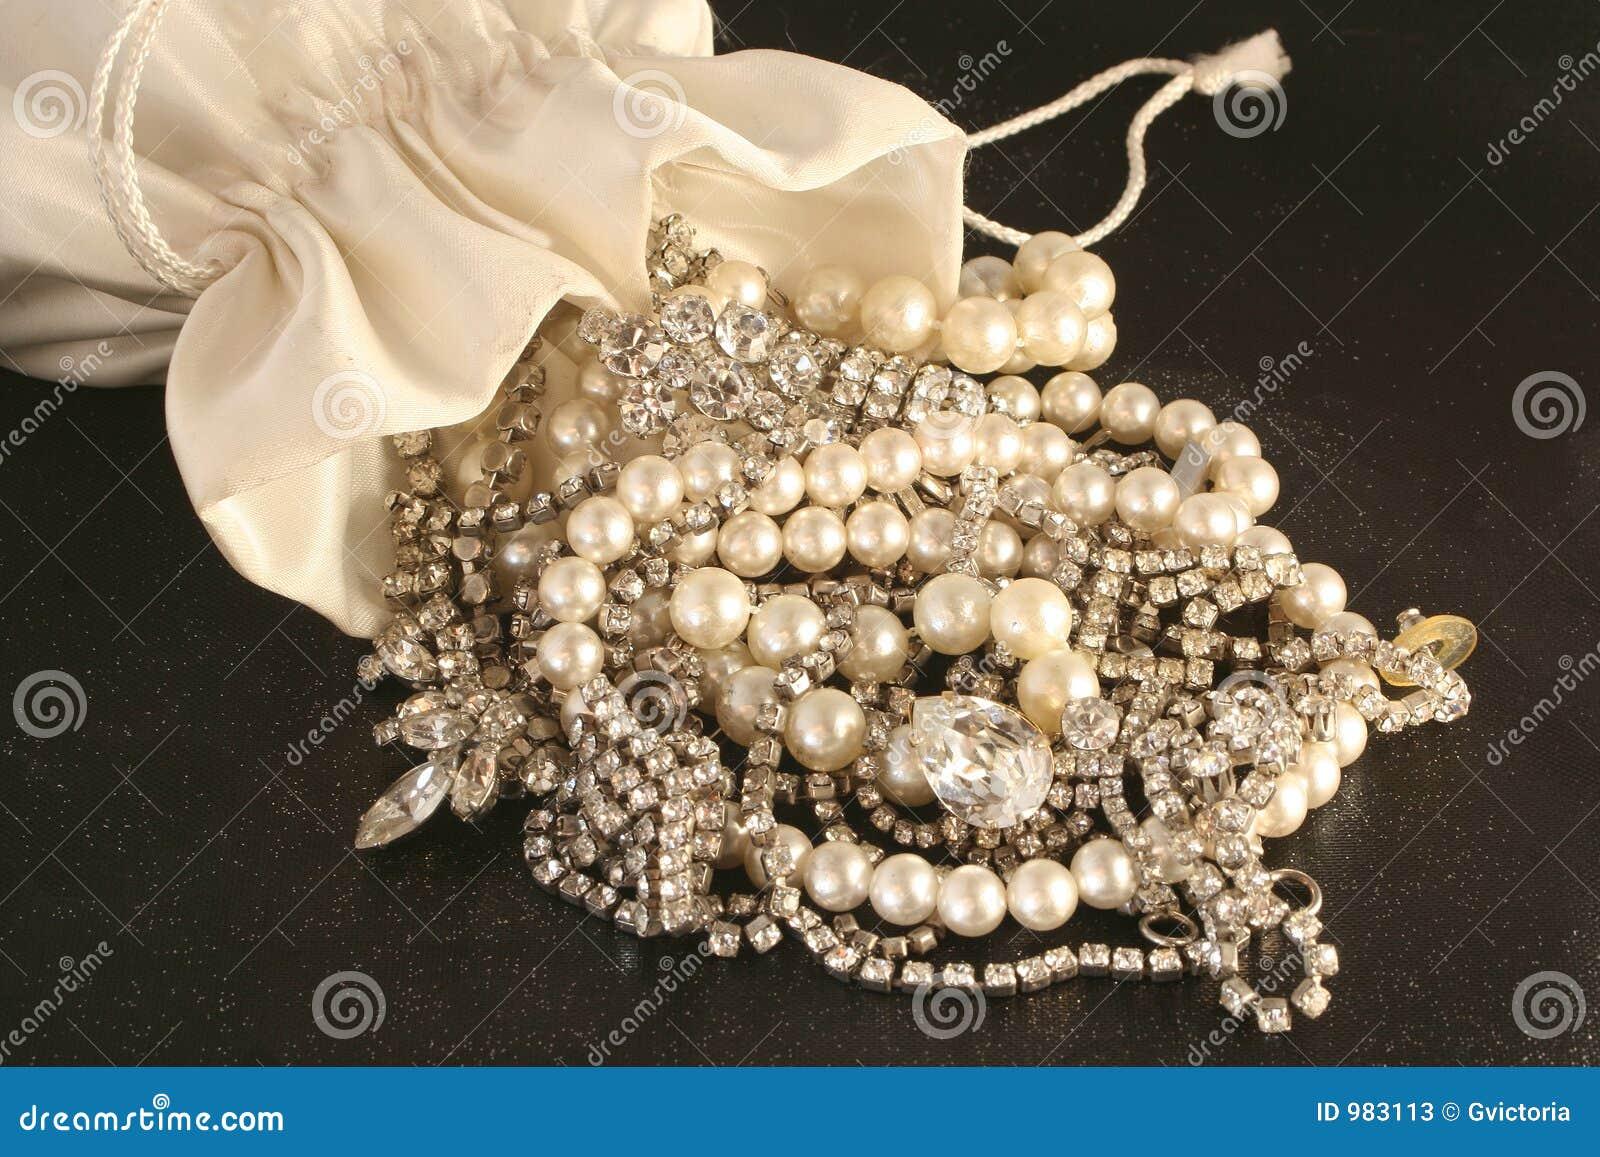 Bag Of Jewels Stock Photos Image 983113